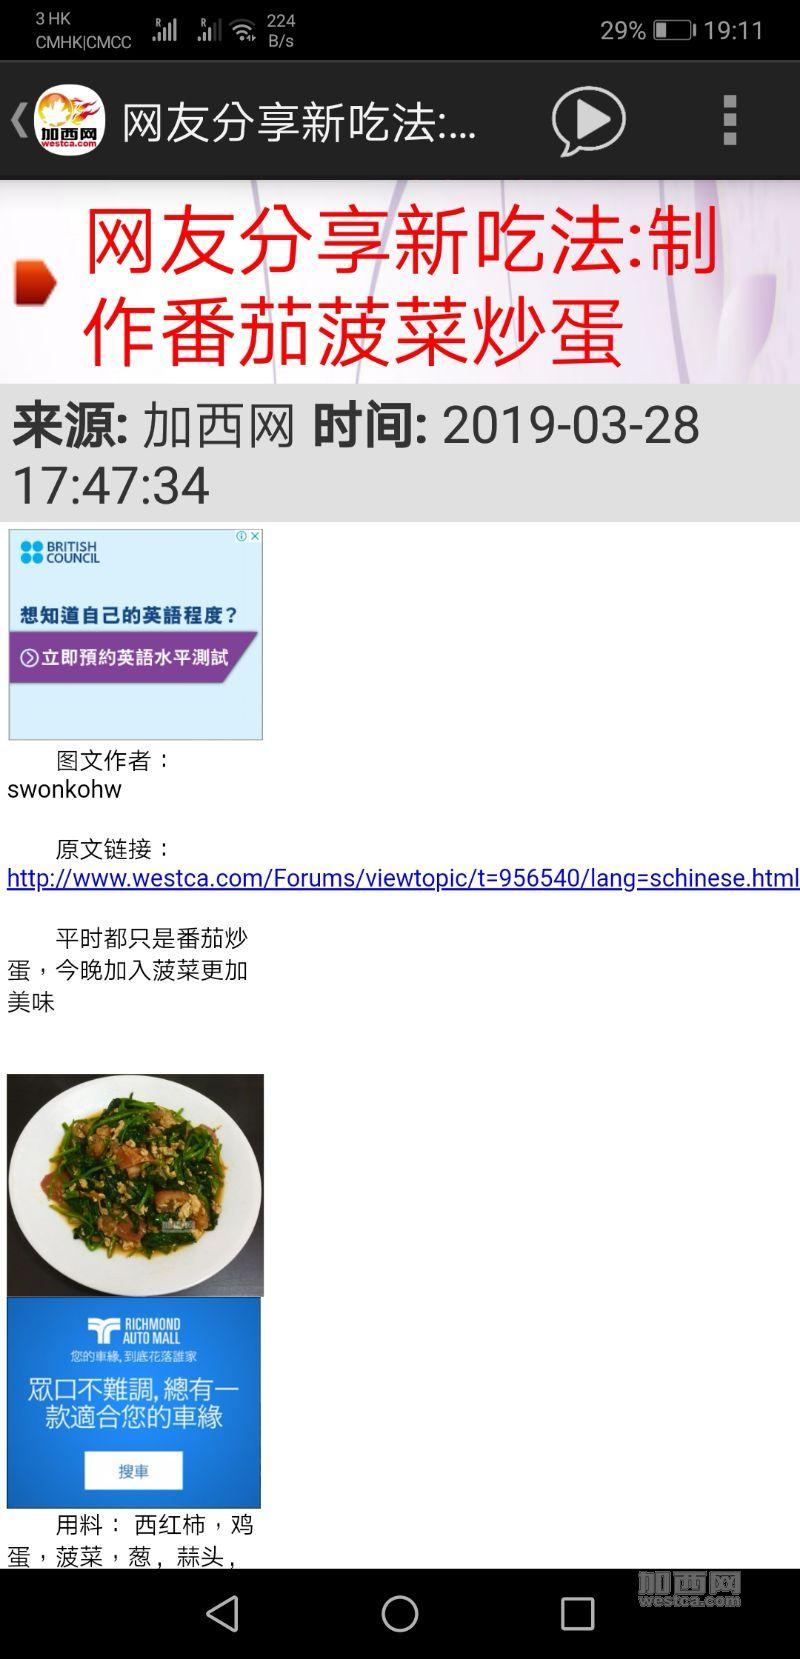 Screenshot_20190329-191131.jpg